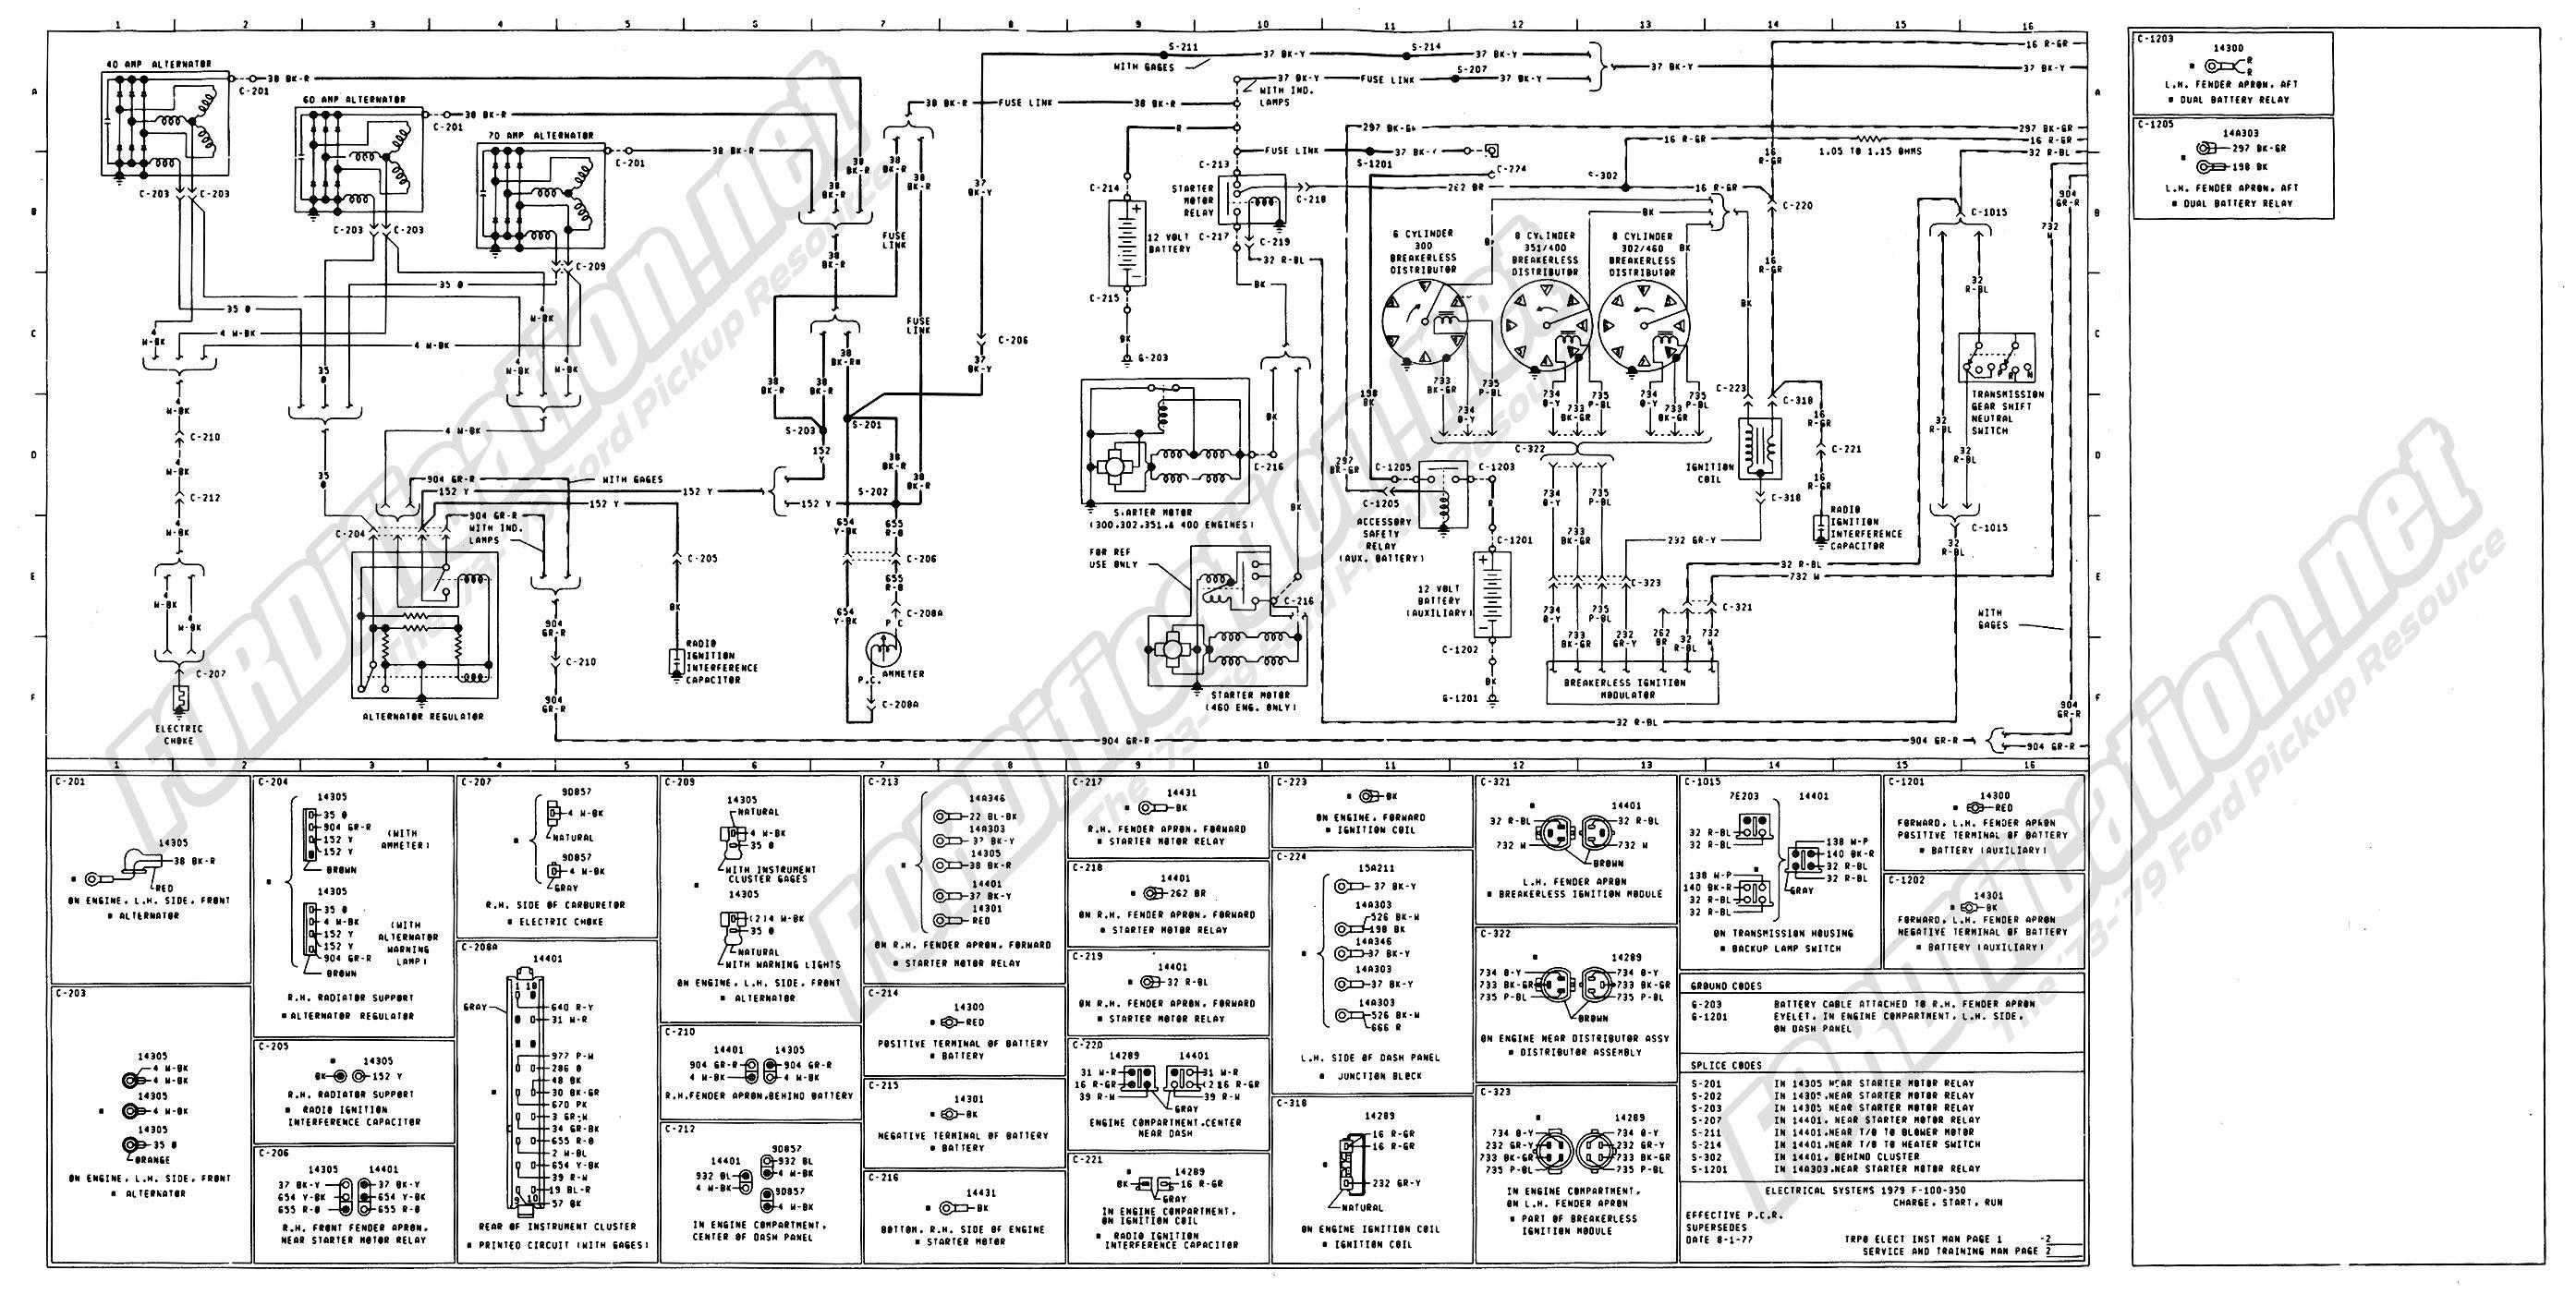 Toyota Pickup Wiring Diagram